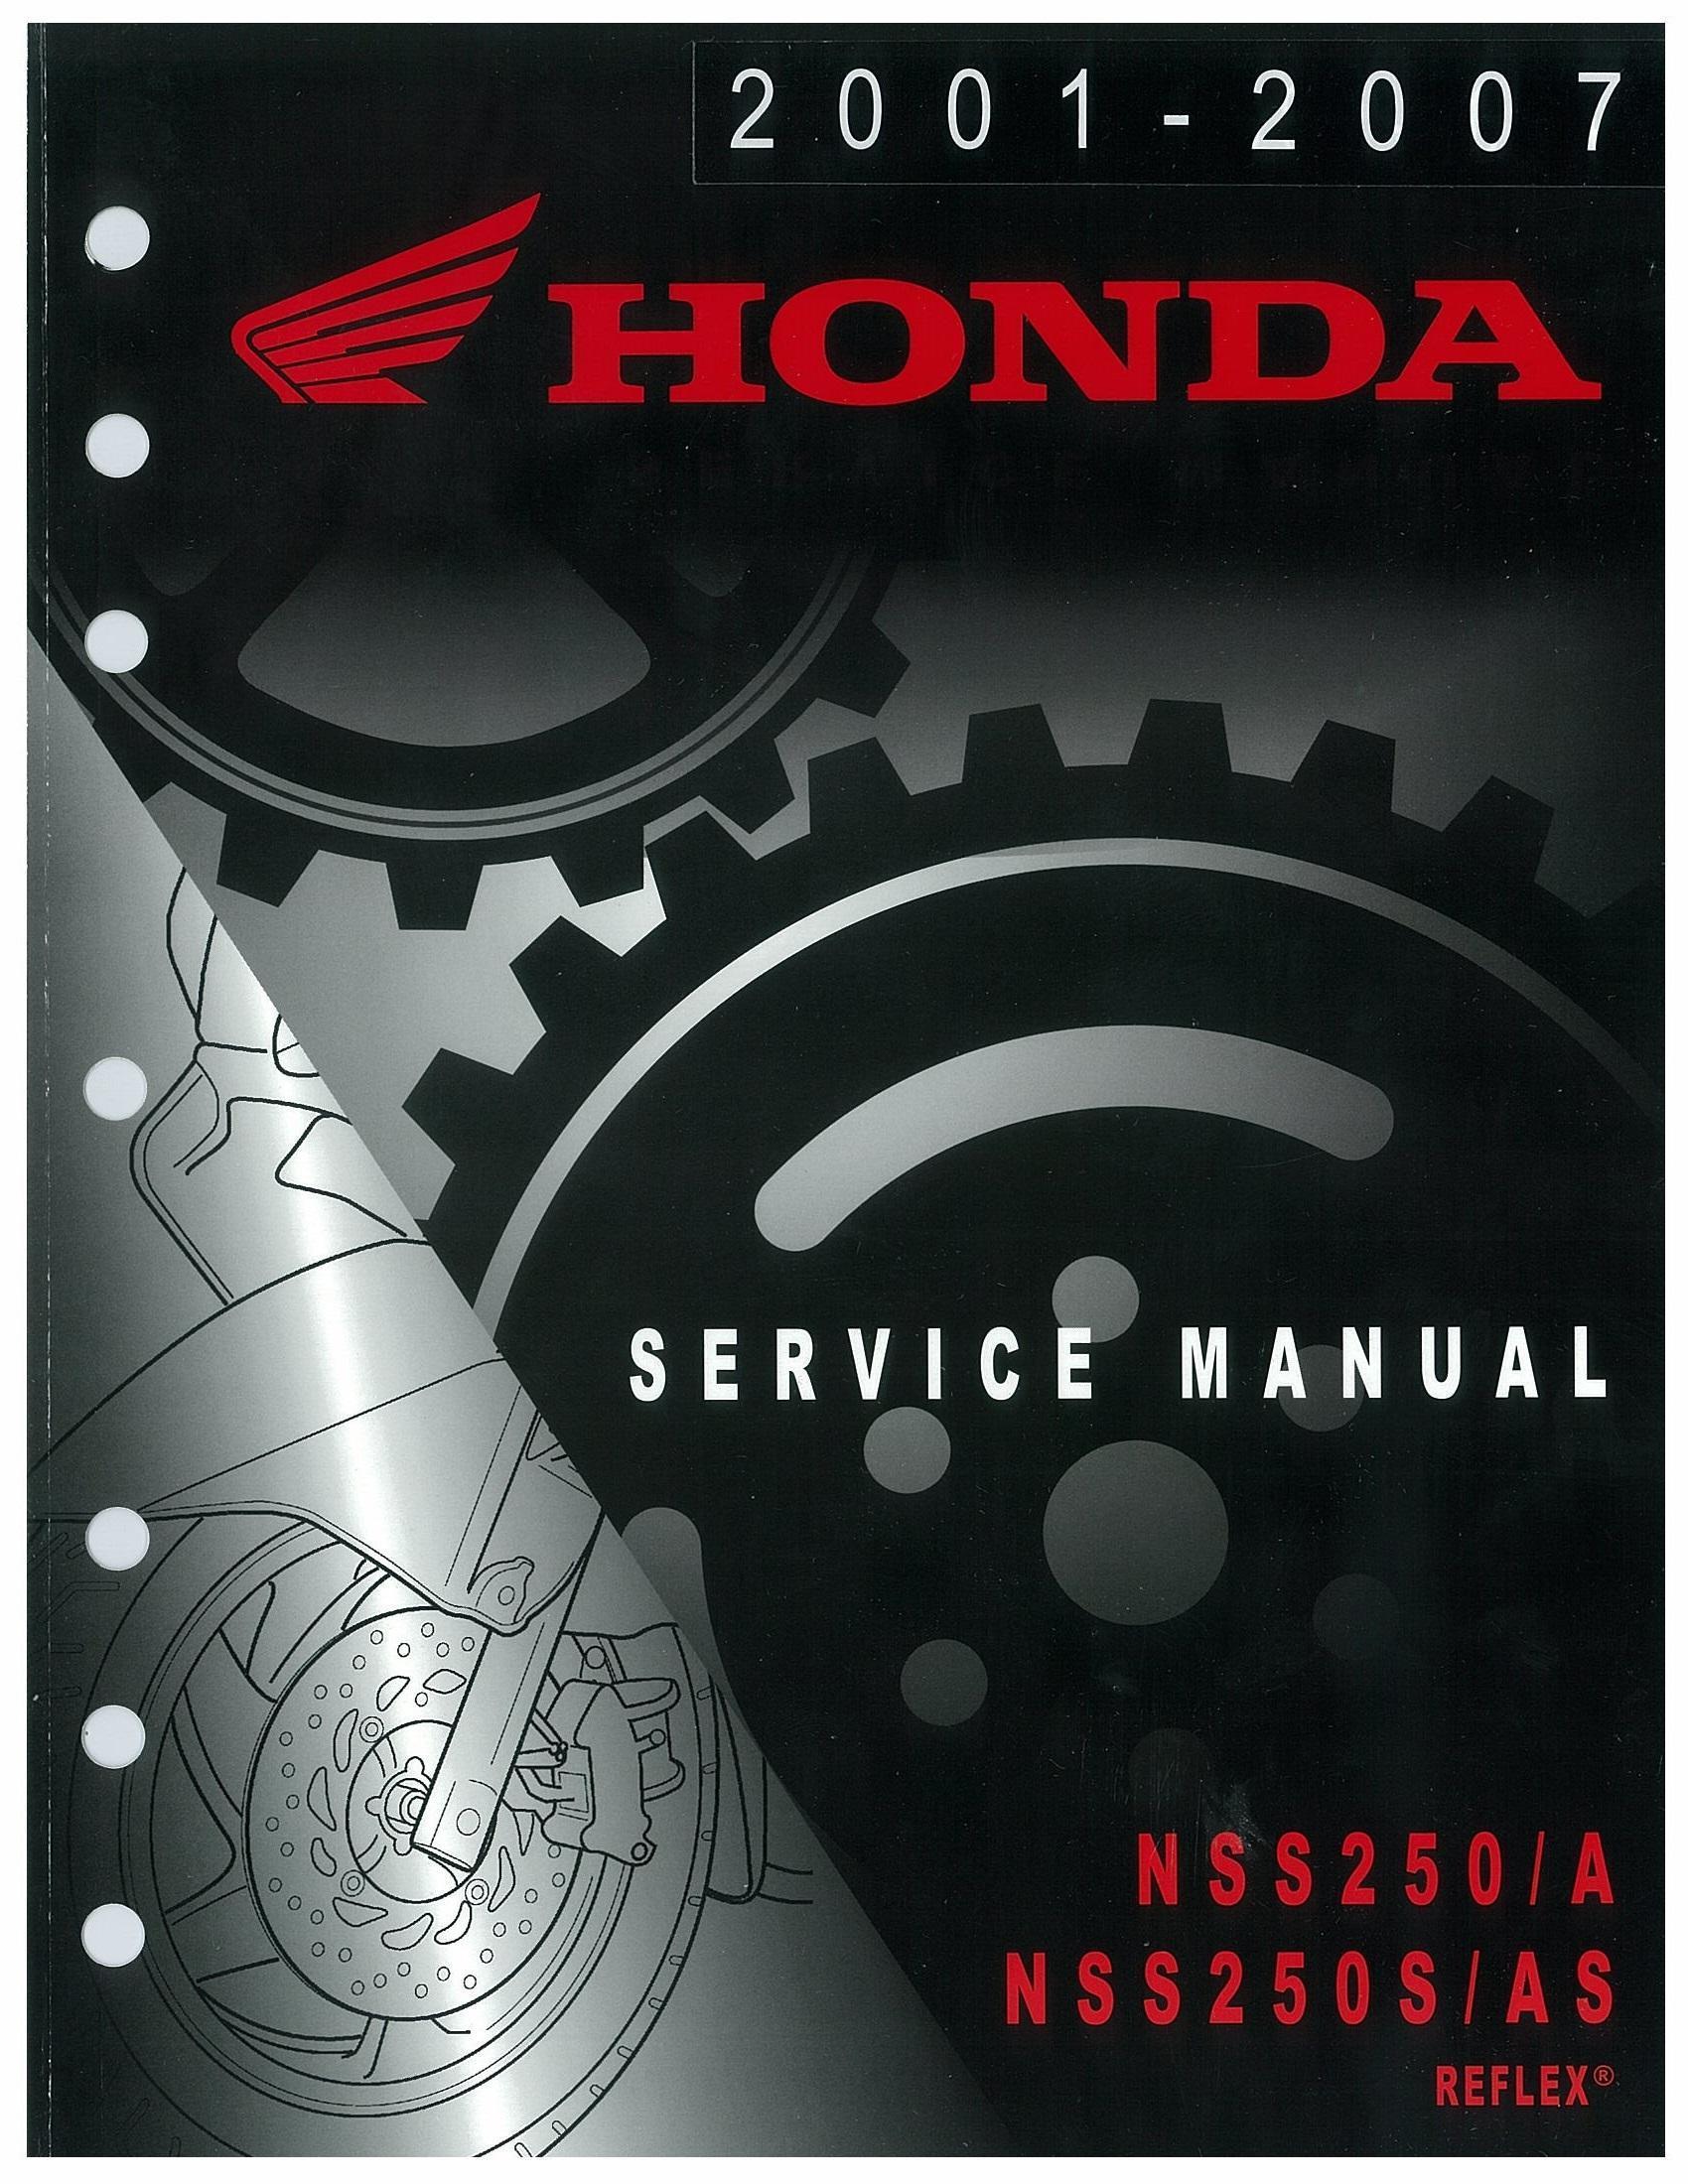 2001 honda shadow manual pdf